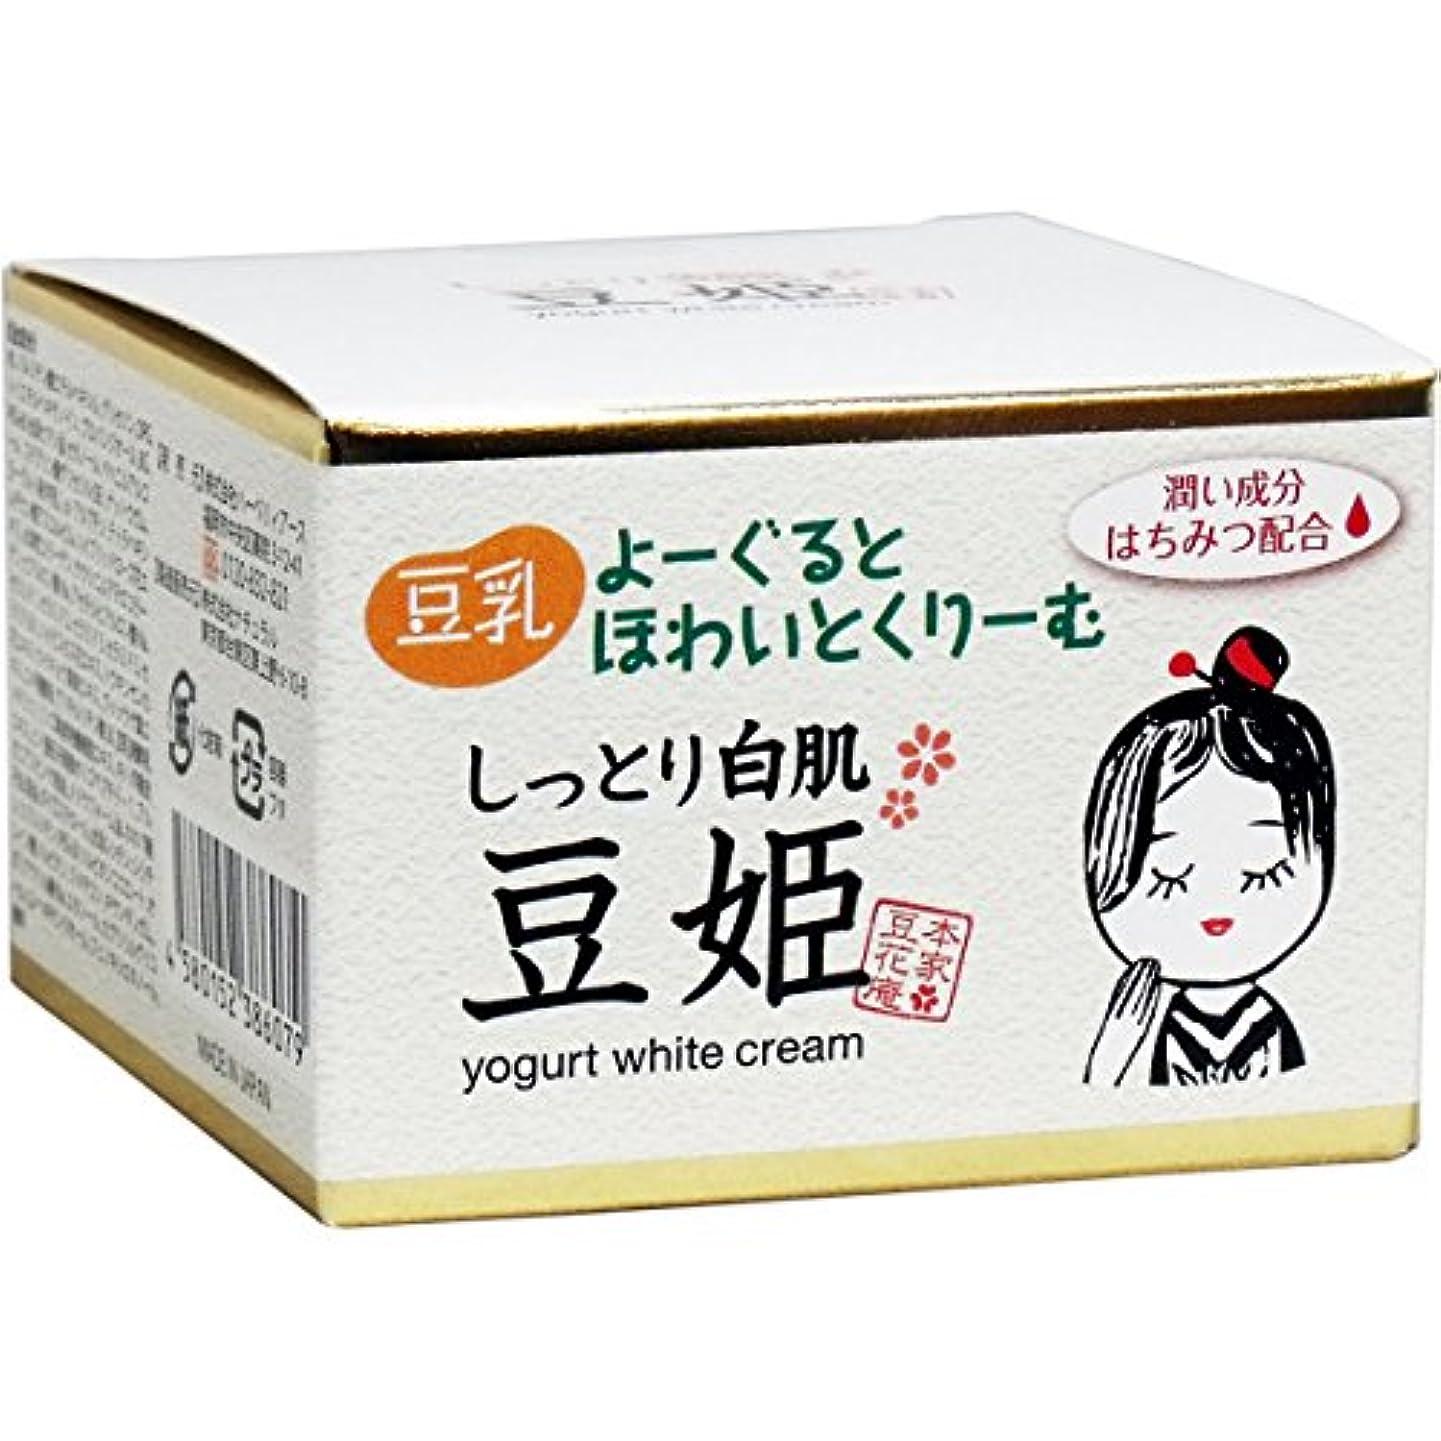 セッション批判的無謀豆乳ヨーグルトホワイトクリーム (TYホワイトジェルクリーム 90g)